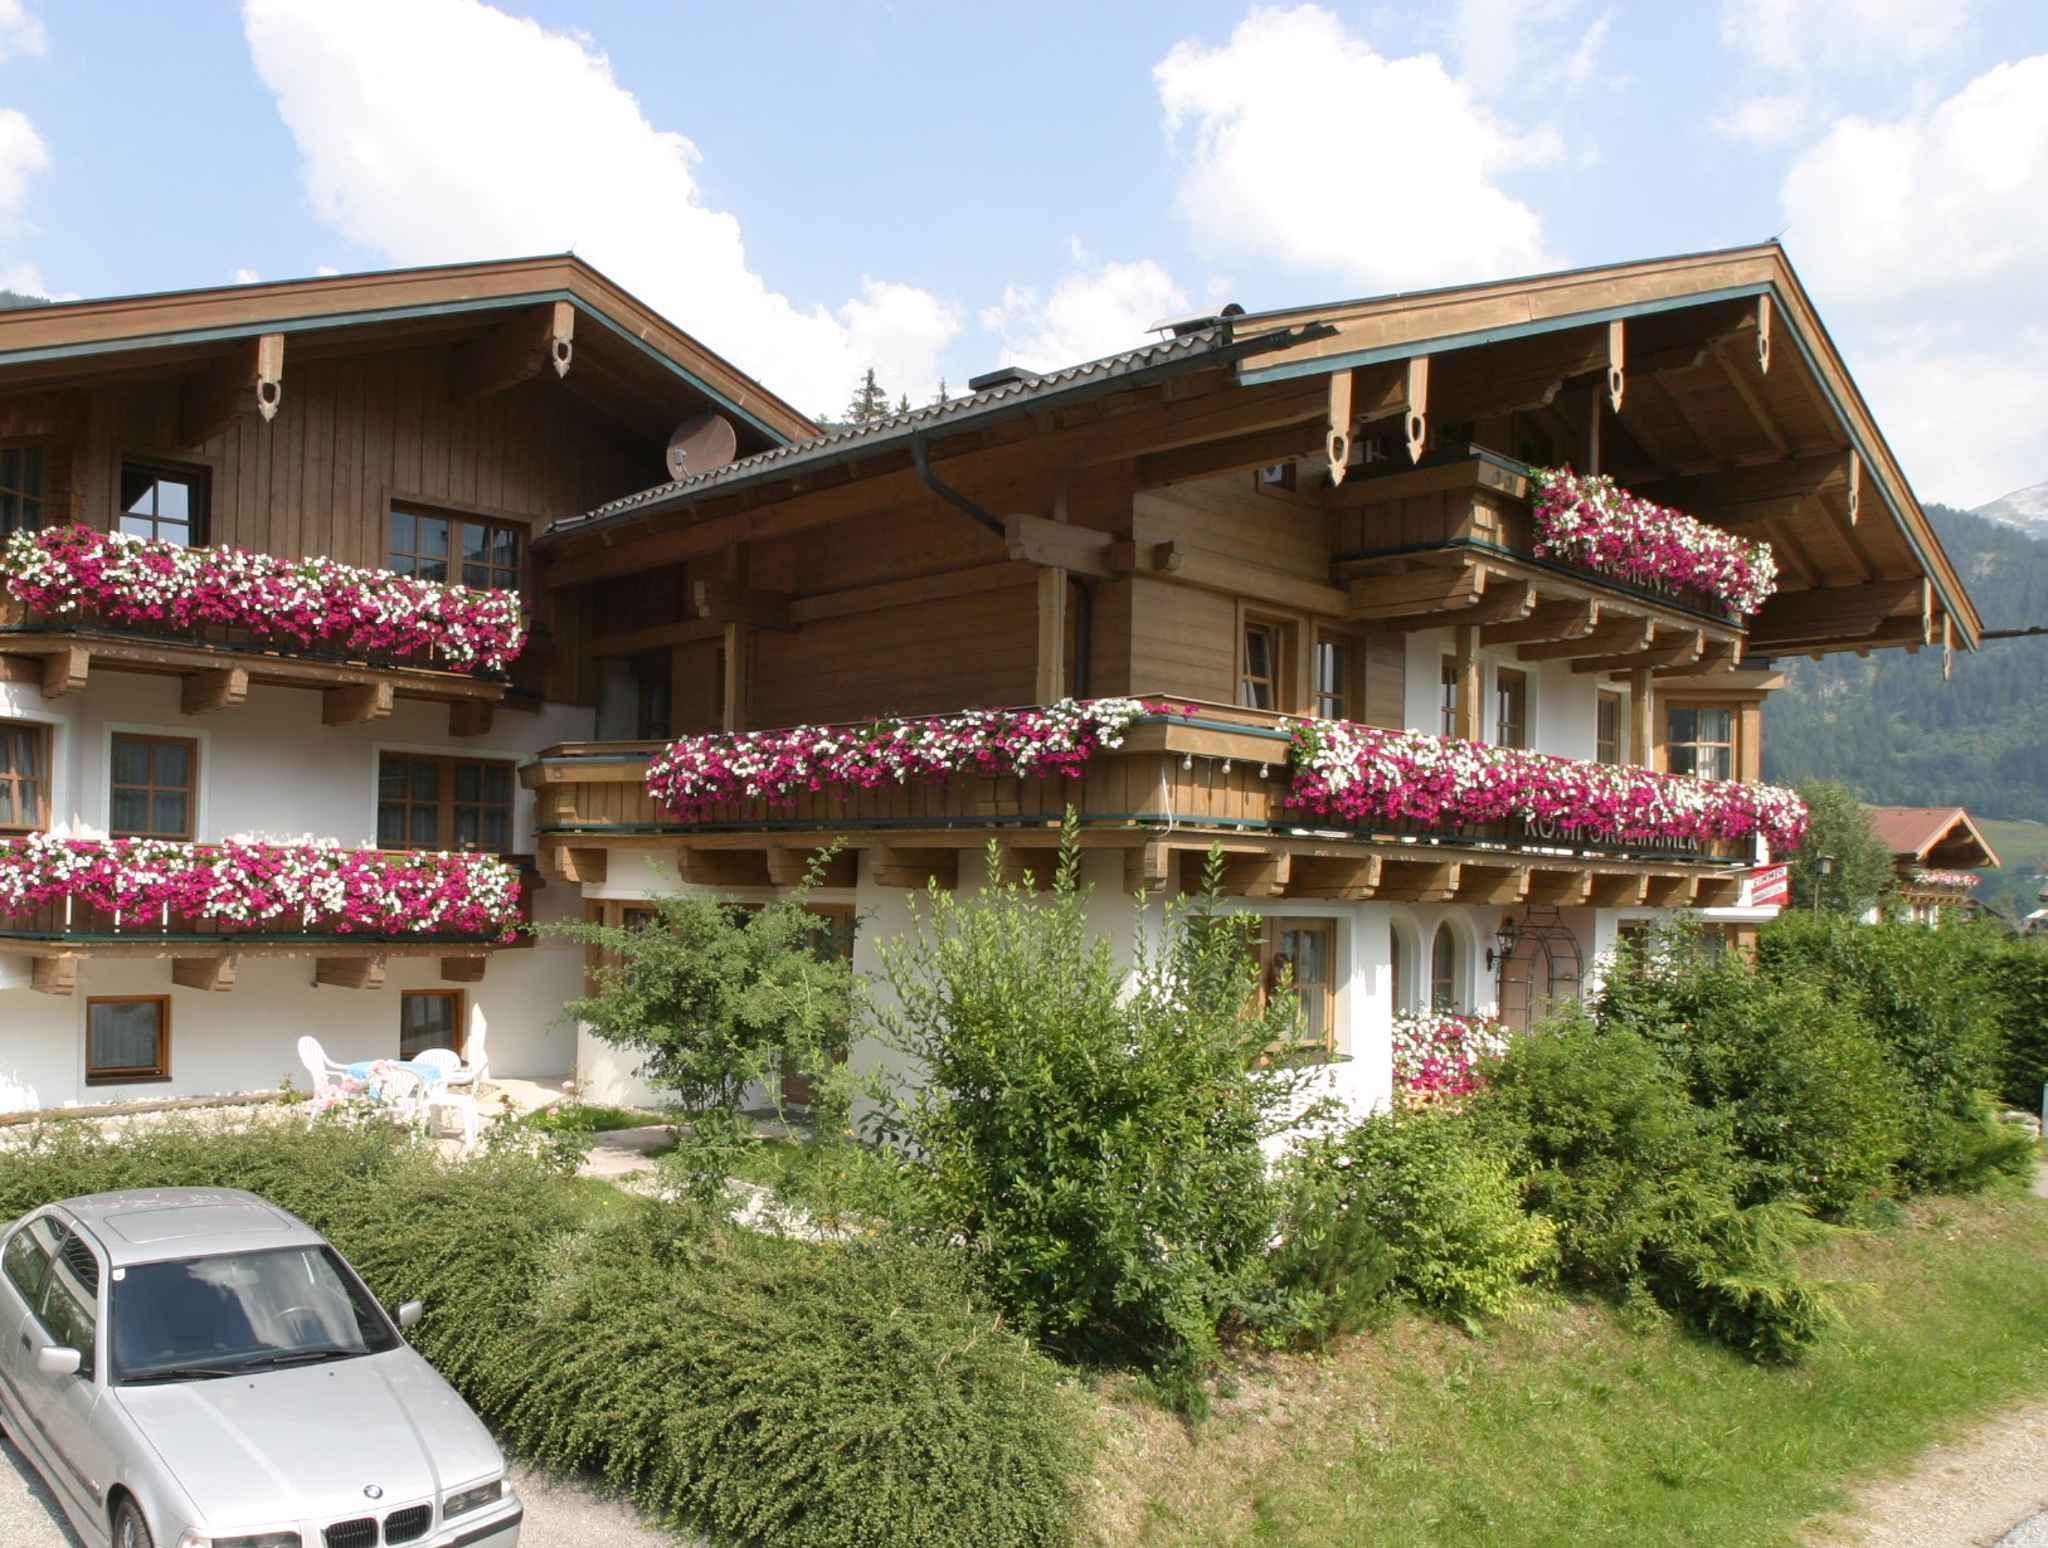 Ferienwohnung mit Balkon in ruhiger Lage (310160), Krimml, Pinzgau, Salzburg, Österreich, Bild 3